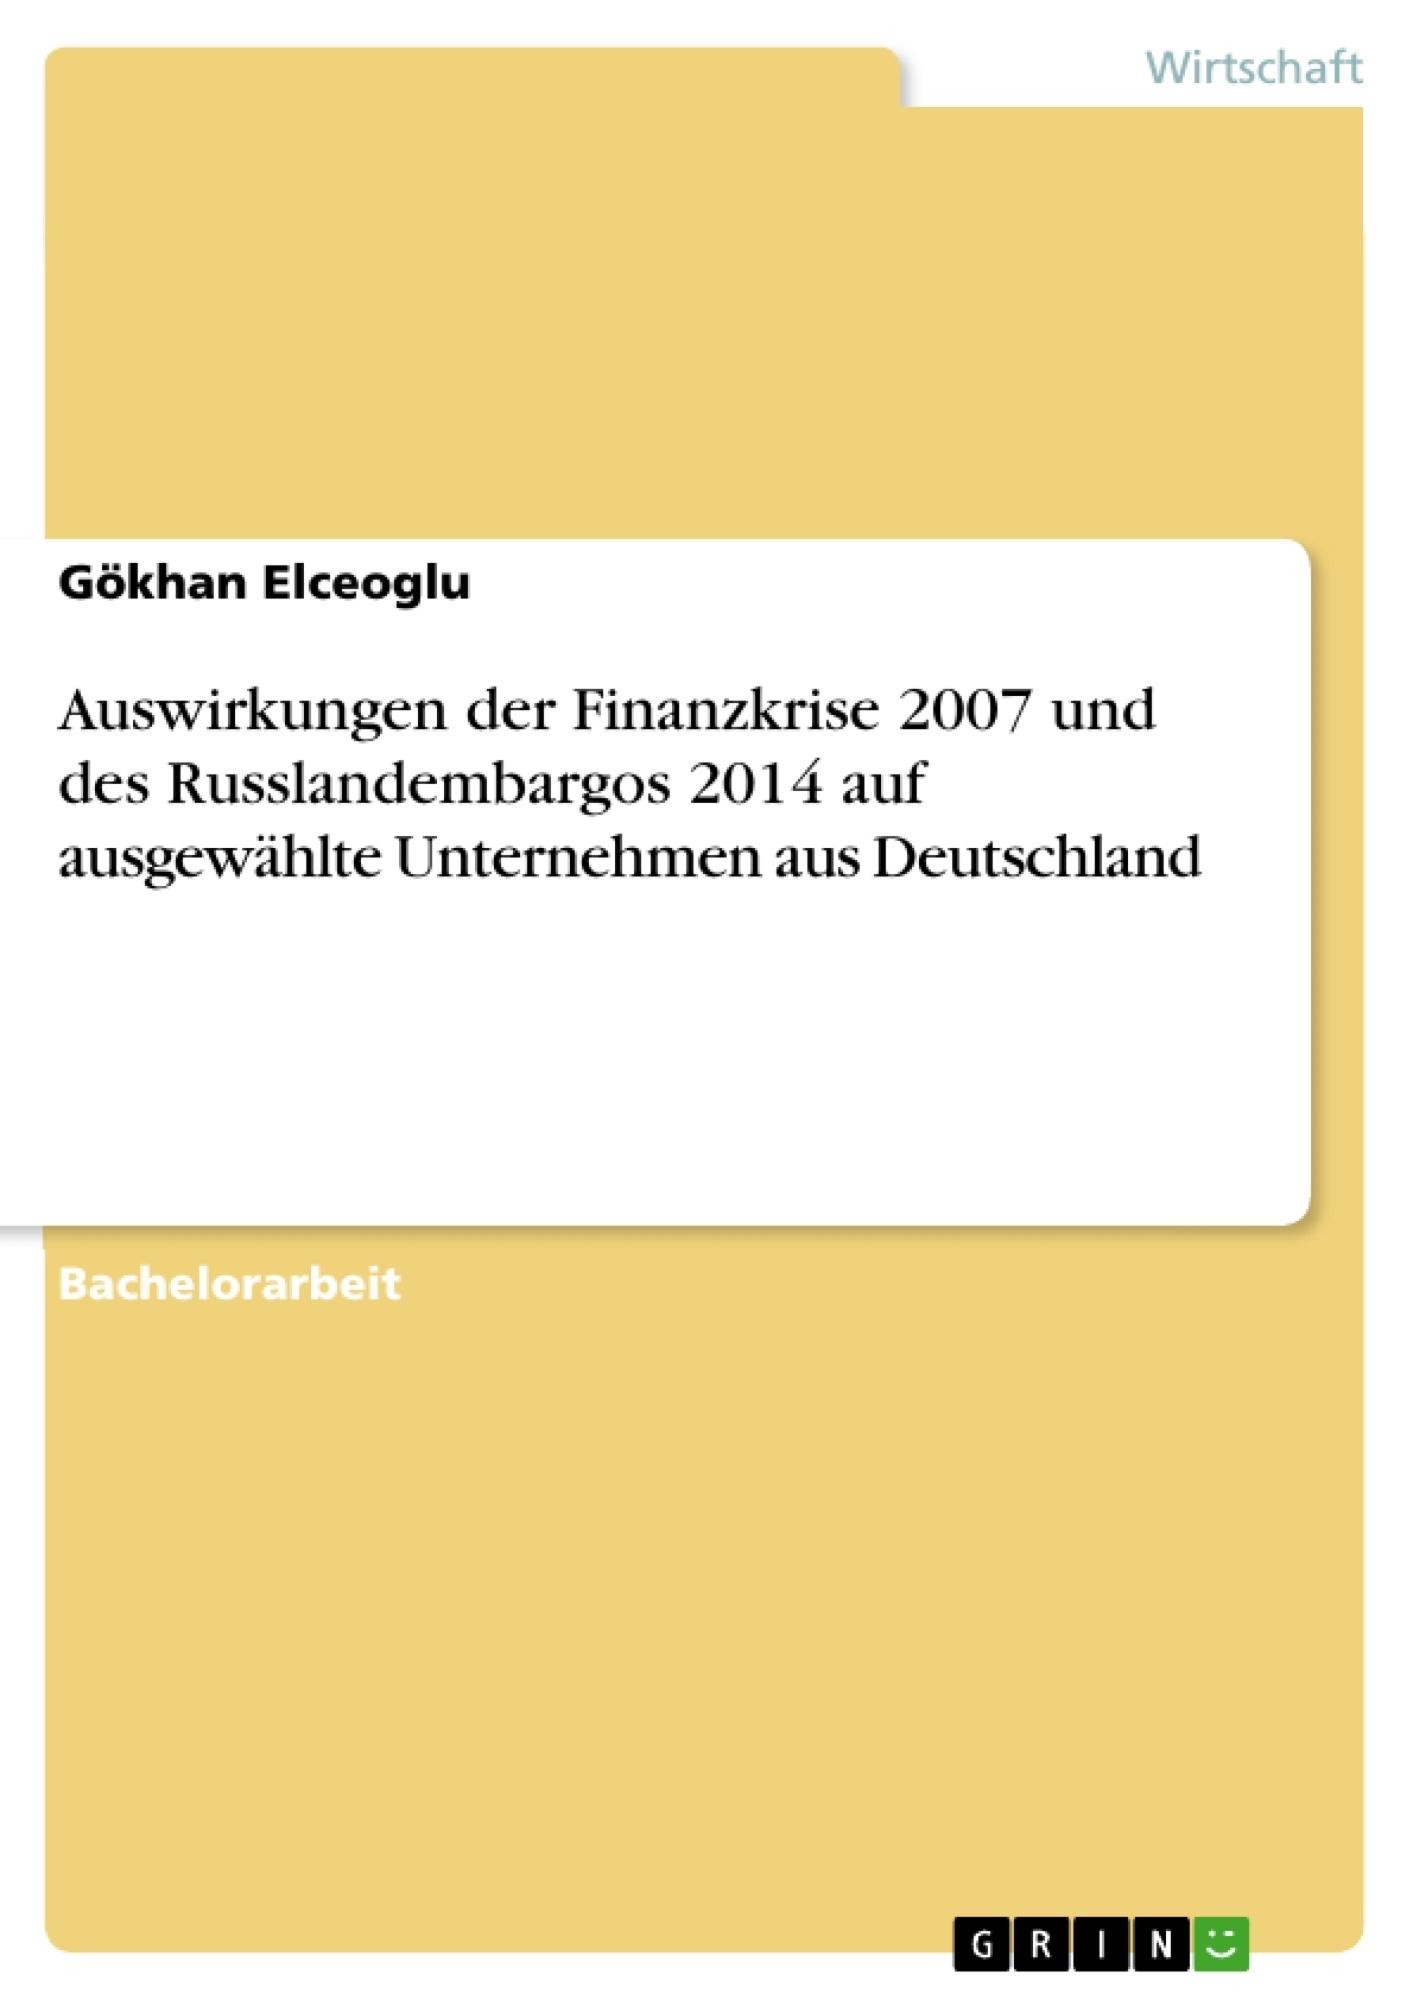 Titel: Auswirkungen der Finanzkrise 2007 und des Russlandembargos 2014 auf ausgewählte Unternehmen aus Deutschland